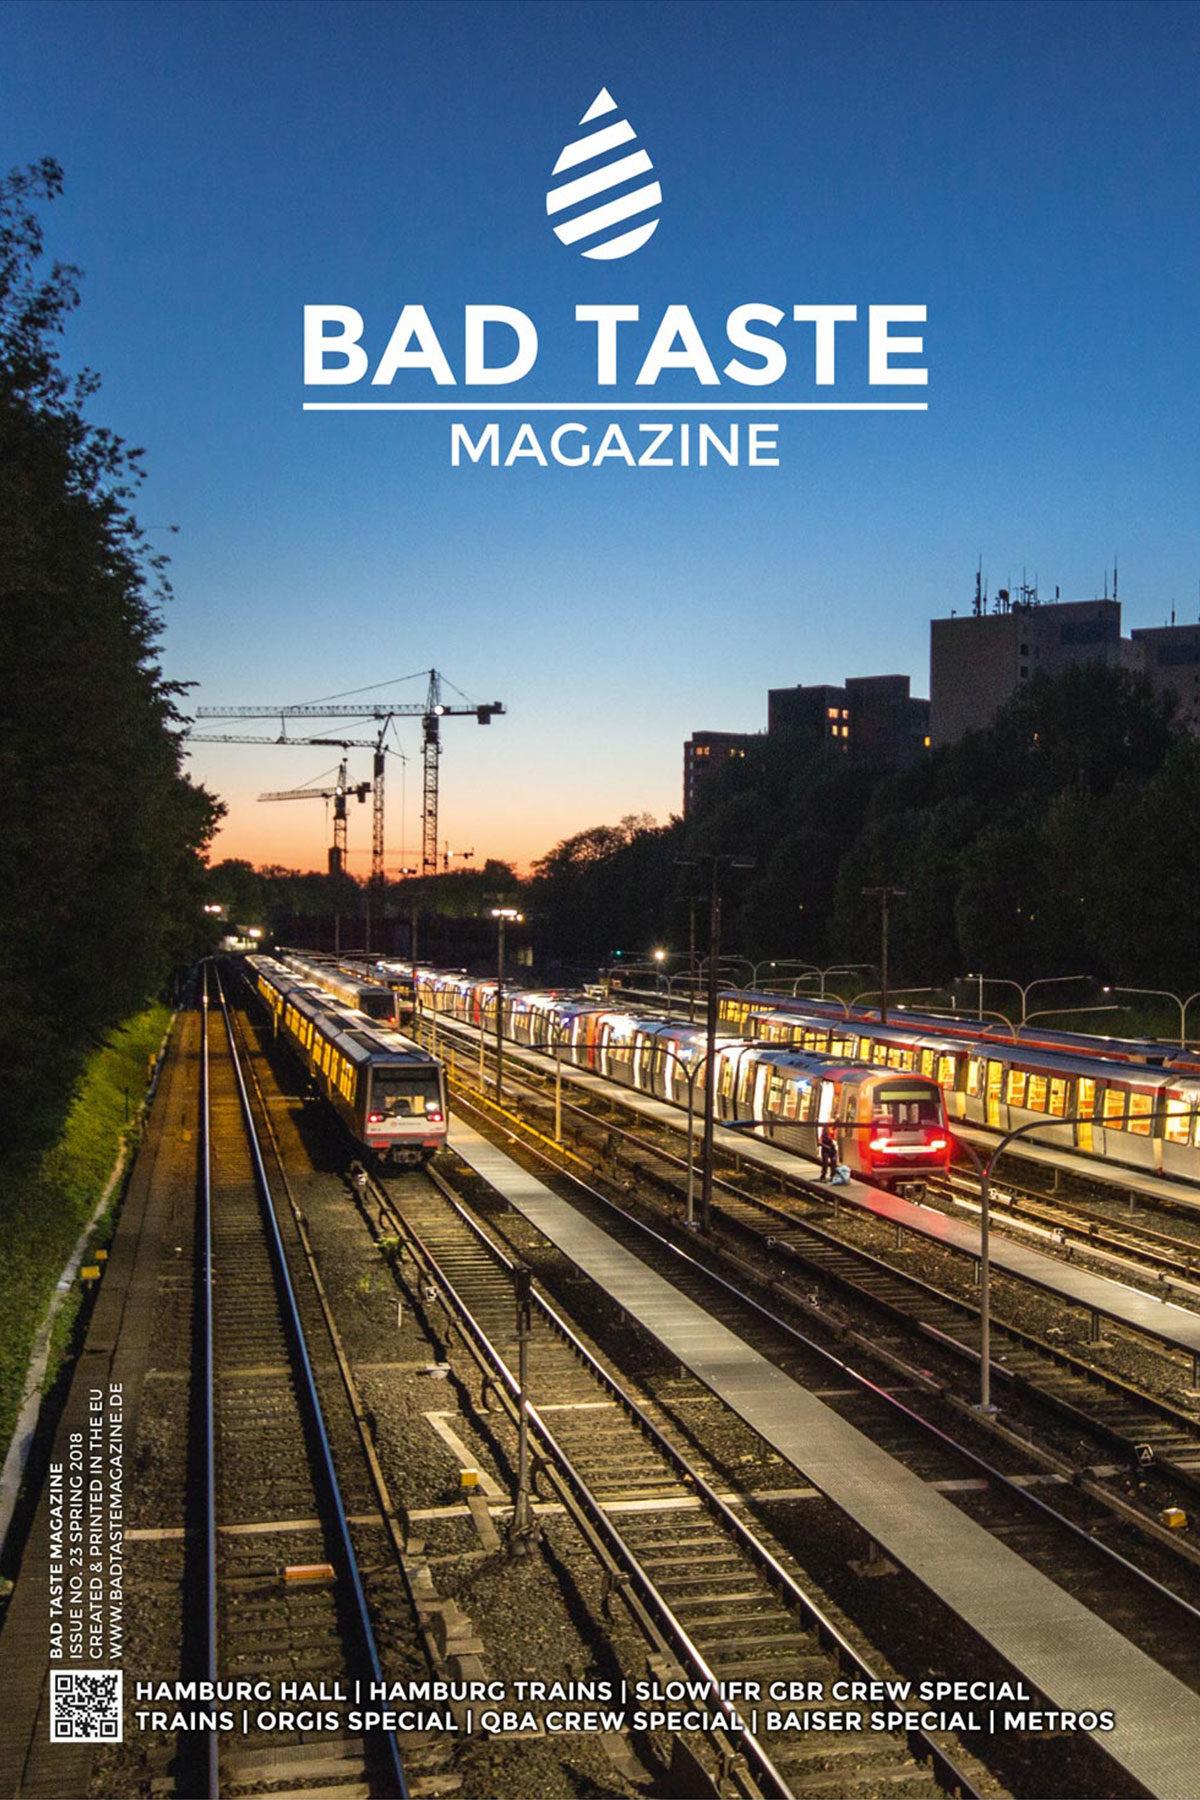 BAD TASTE #23 Magazine